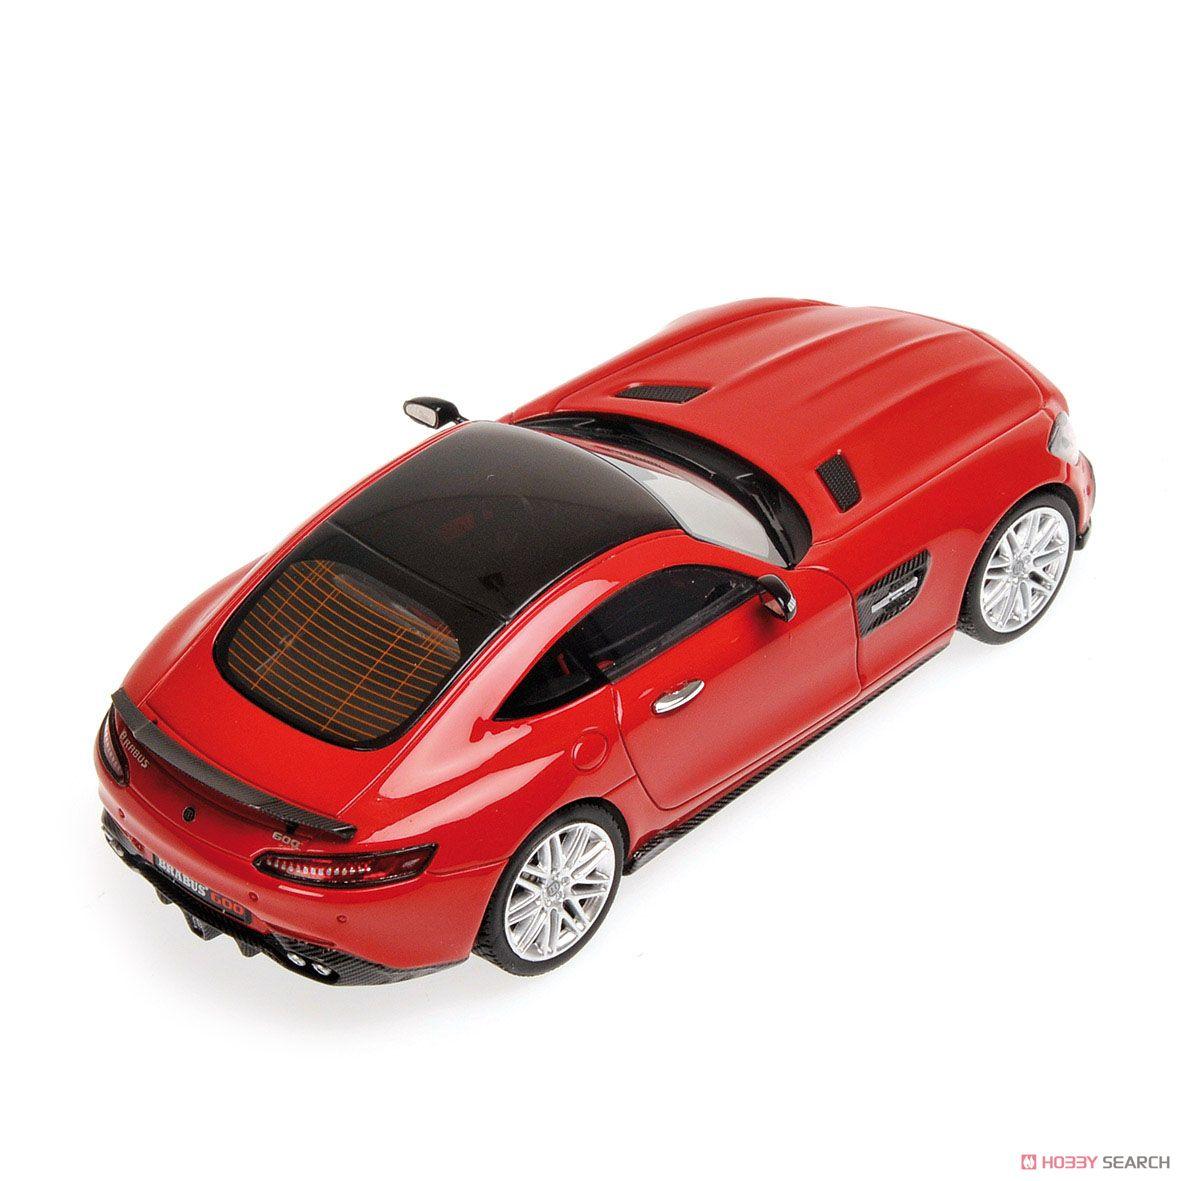 ブラバス 600 AUF BASIS メルセデス ベンツ AMG GTS 2016 レッド (ミニカー)